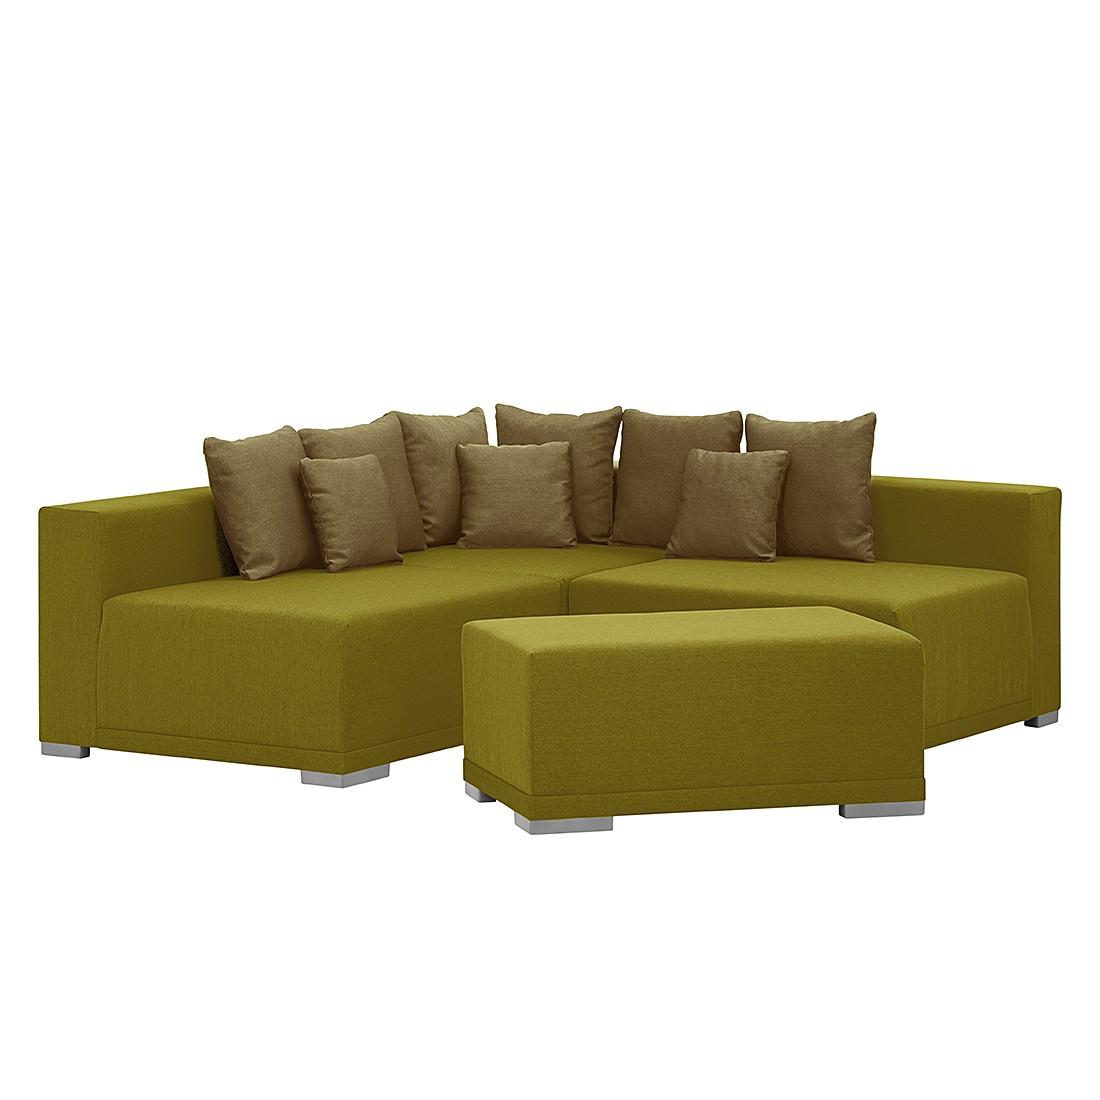 Canapé d'angle Neo (avec repose-pieds)